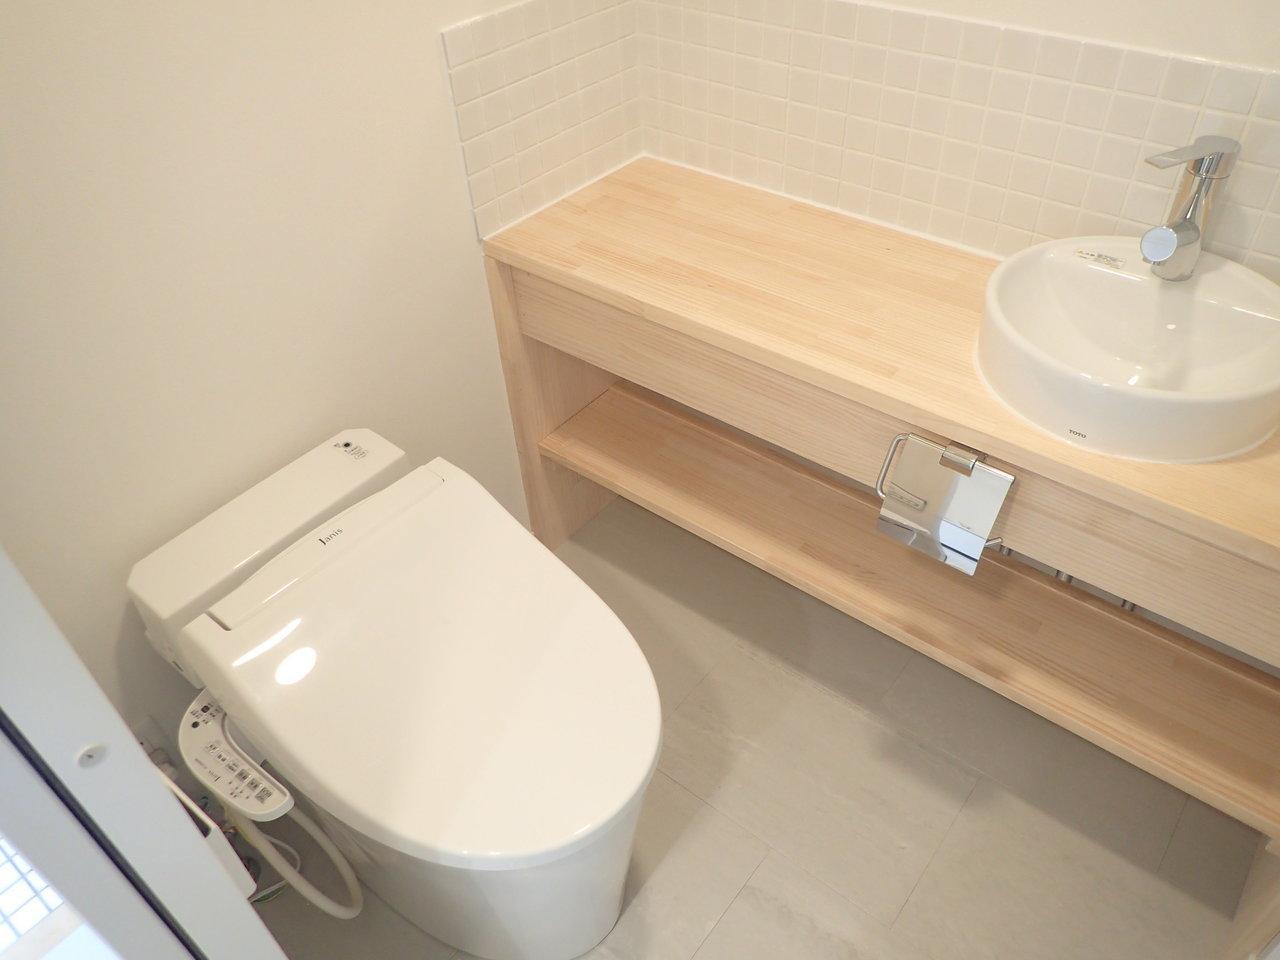 トイレもおしゃれなカフェ風。ちょっと高めのハンドソープなんか置きたくなっちゃいますね。